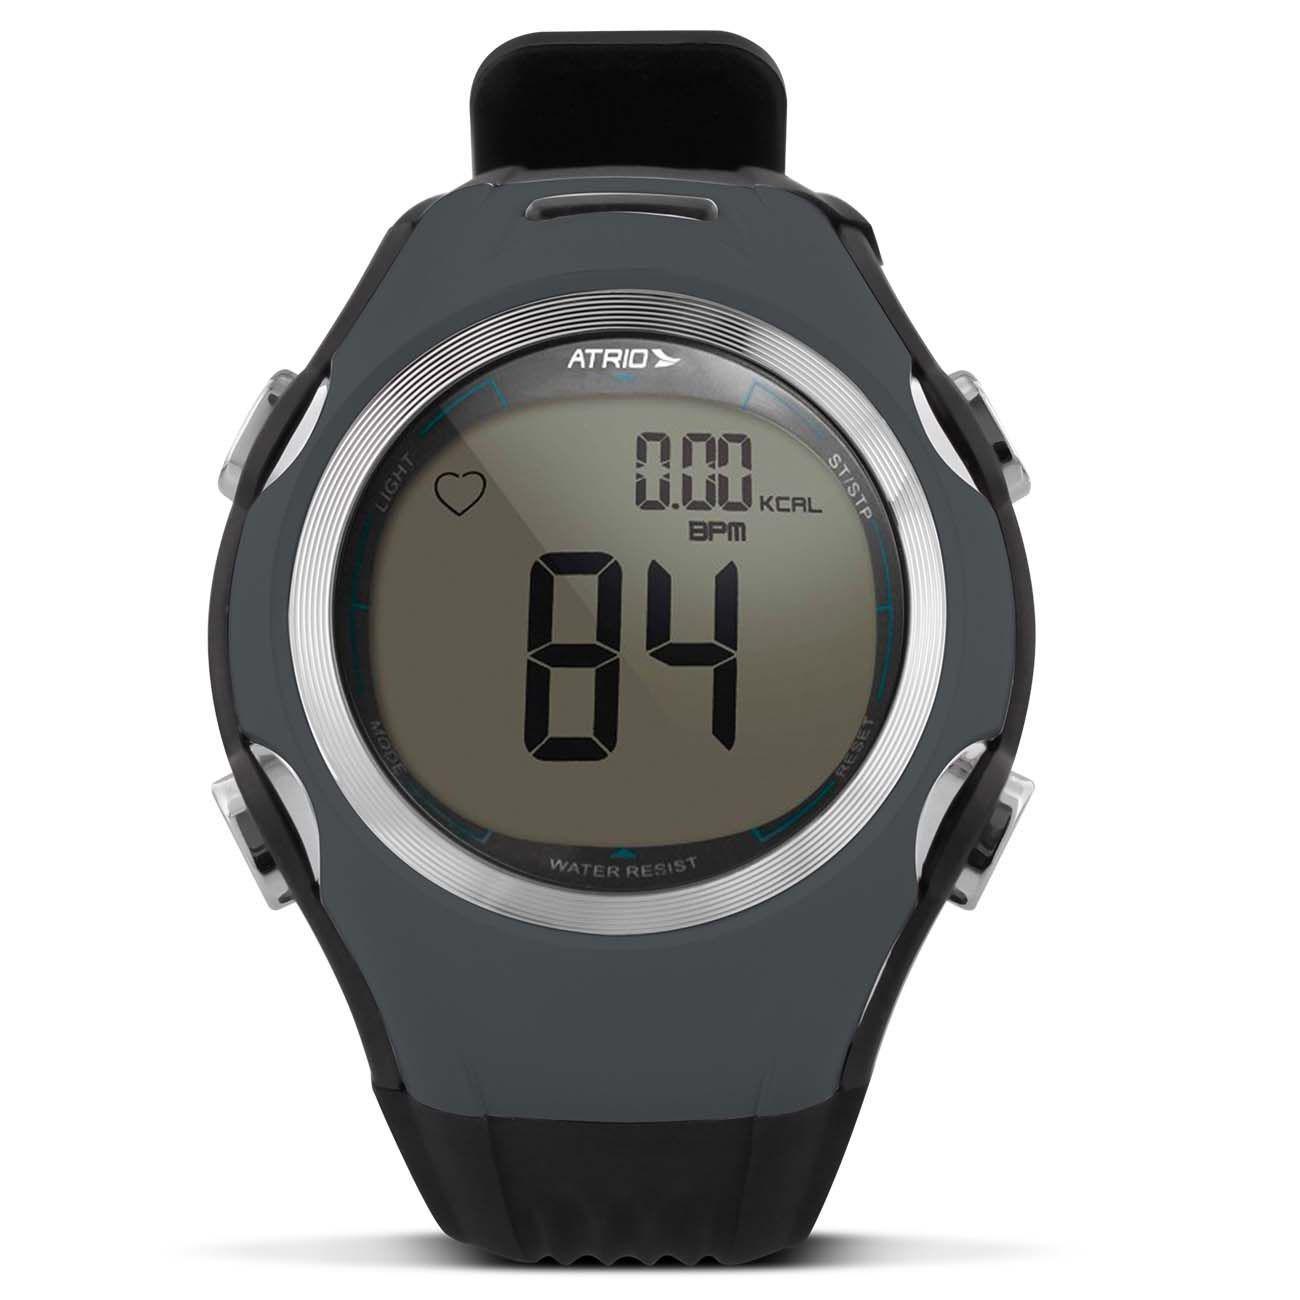 e0a470973f0 Monitor Cardíaco Smart Run Atrio HC008 Preto e Cinza Relógio Esportivo  Contador Calorias Com Cinta R  118